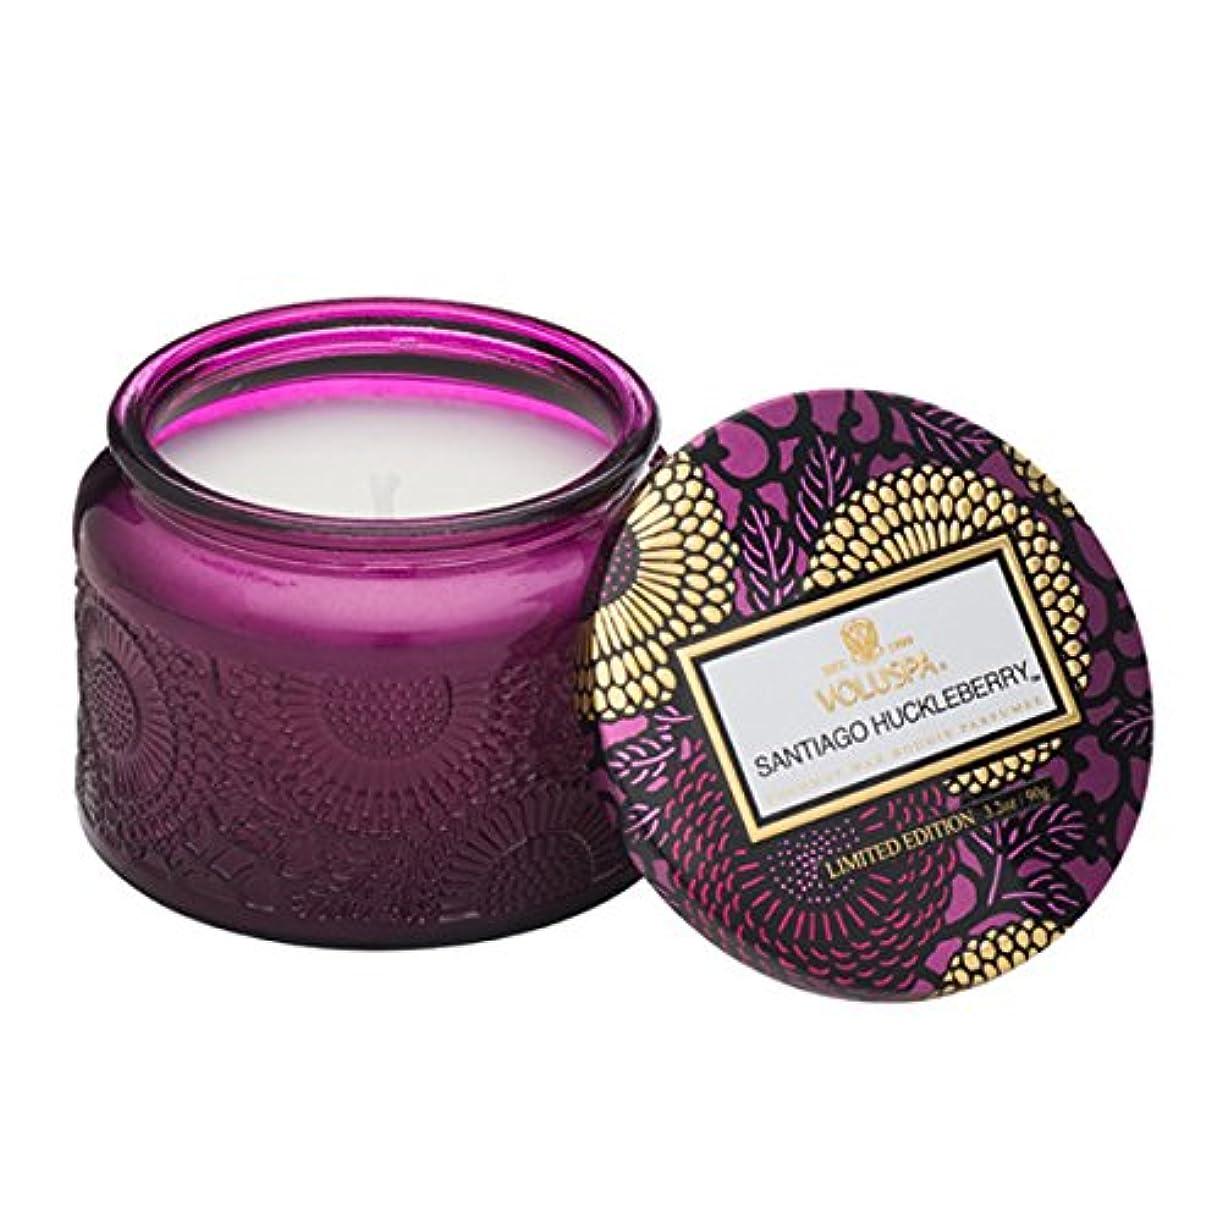 価格序文人気のVoluspa ボルスパ ジャポニカ リミテッド グラスジャーキャンドル  S サンティアゴ ハックルベリー SANTIAGO HUCKLEBERRY JAPONICA Limited PETITE EMBOSSED Glass jar candle